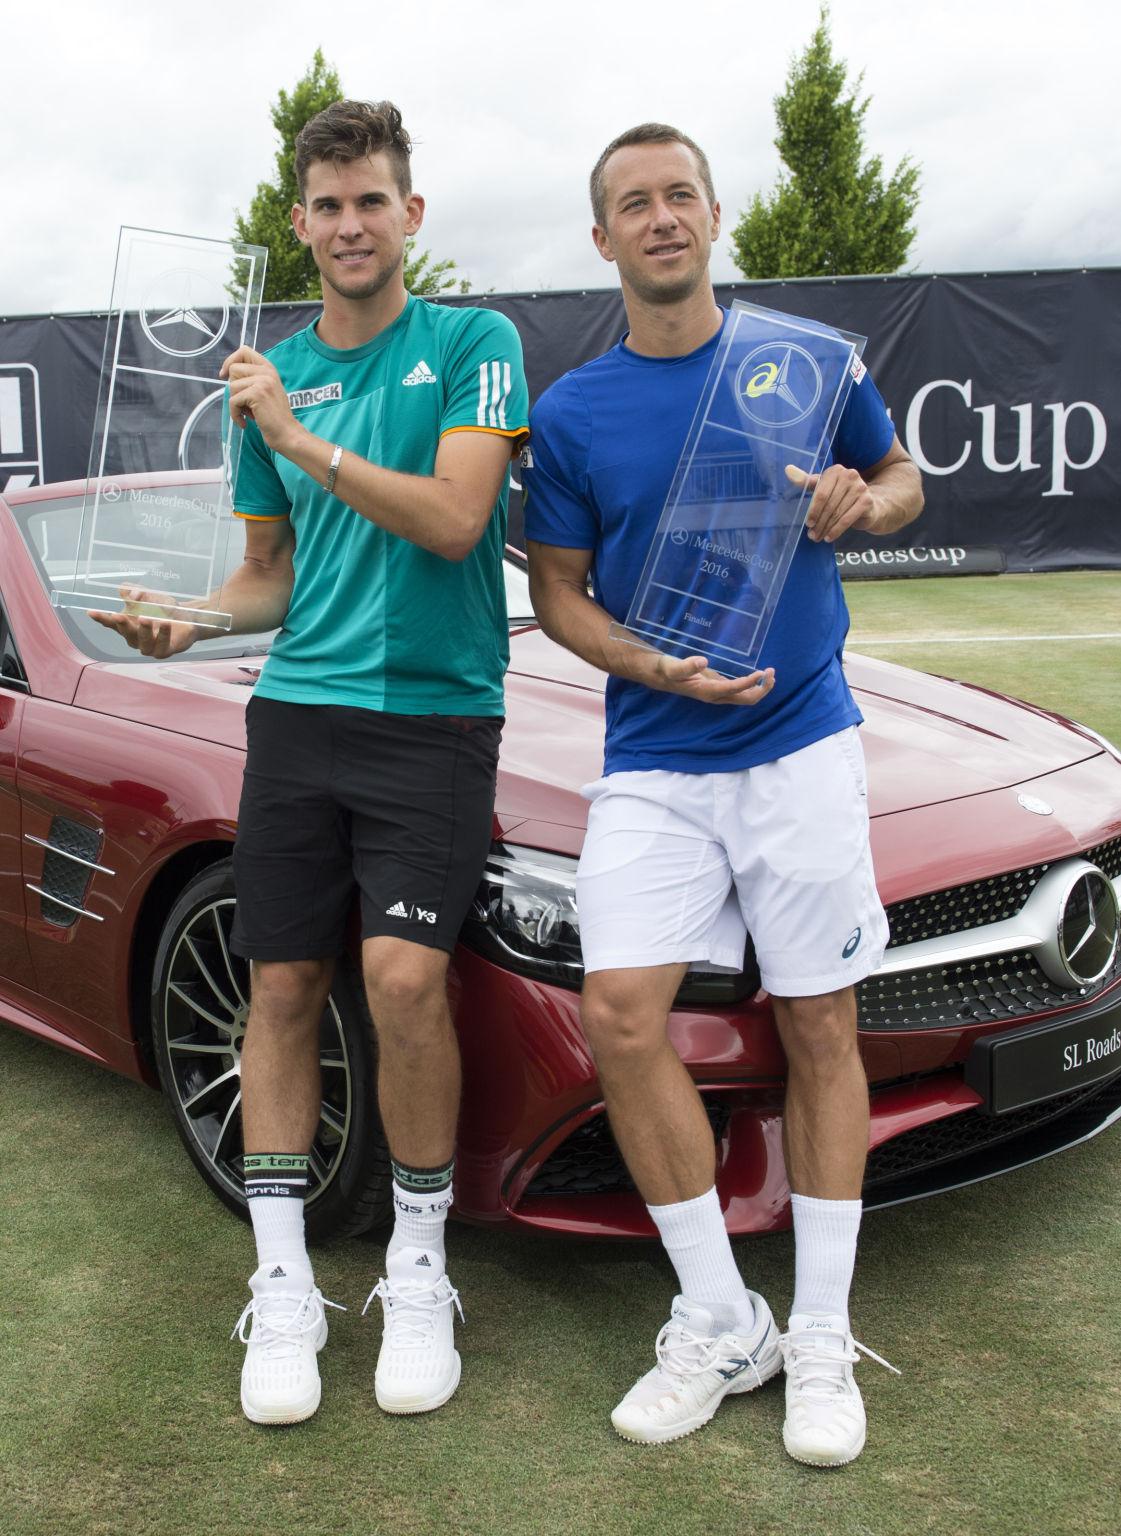 Nach den BMW Open in München war es bereits das zweite Finale der beiden in diesem Jahr.